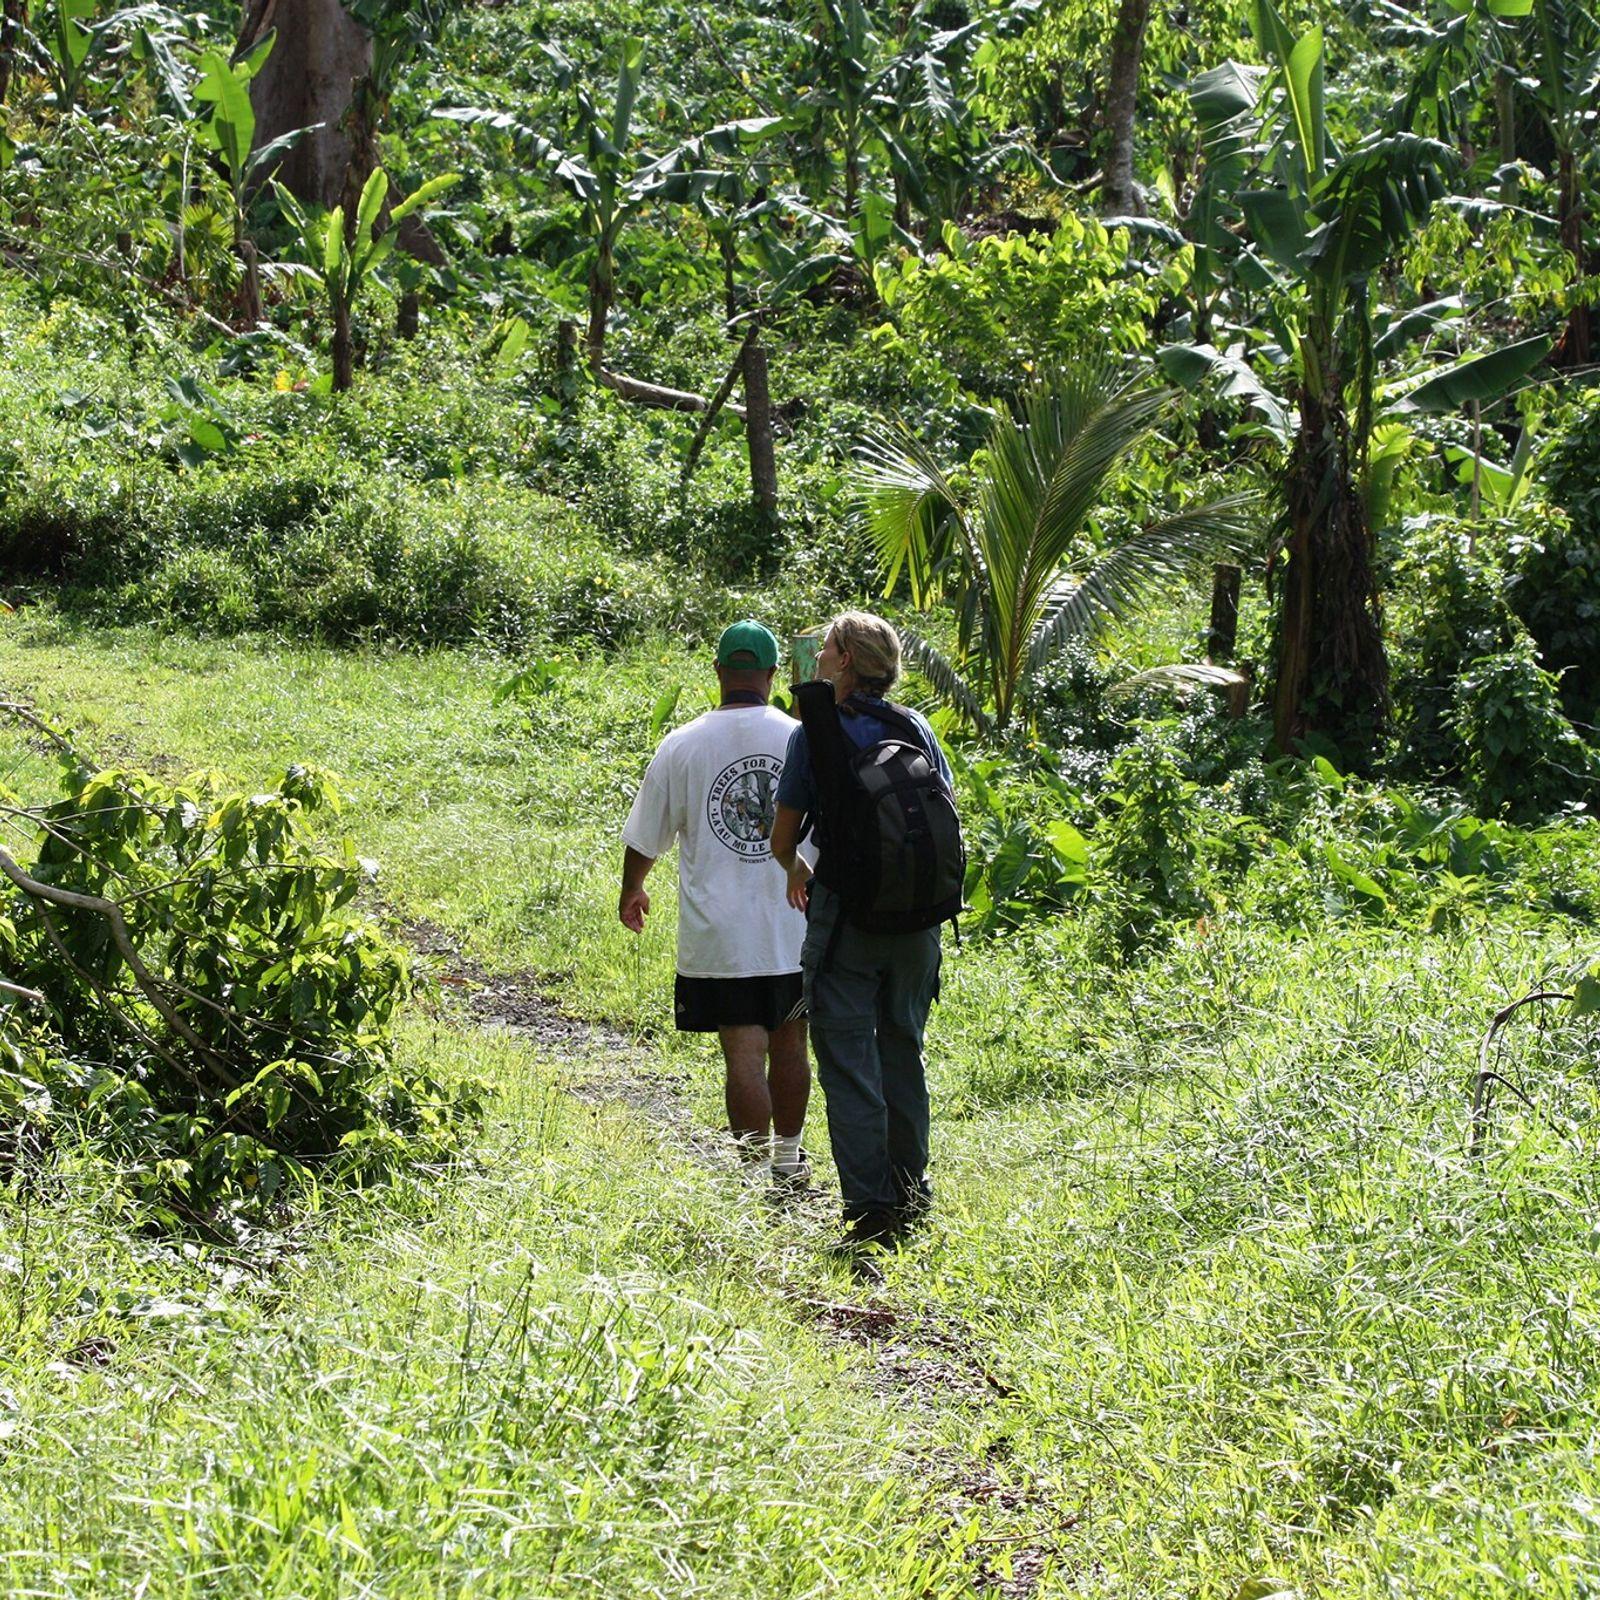 Trekking in Samoa